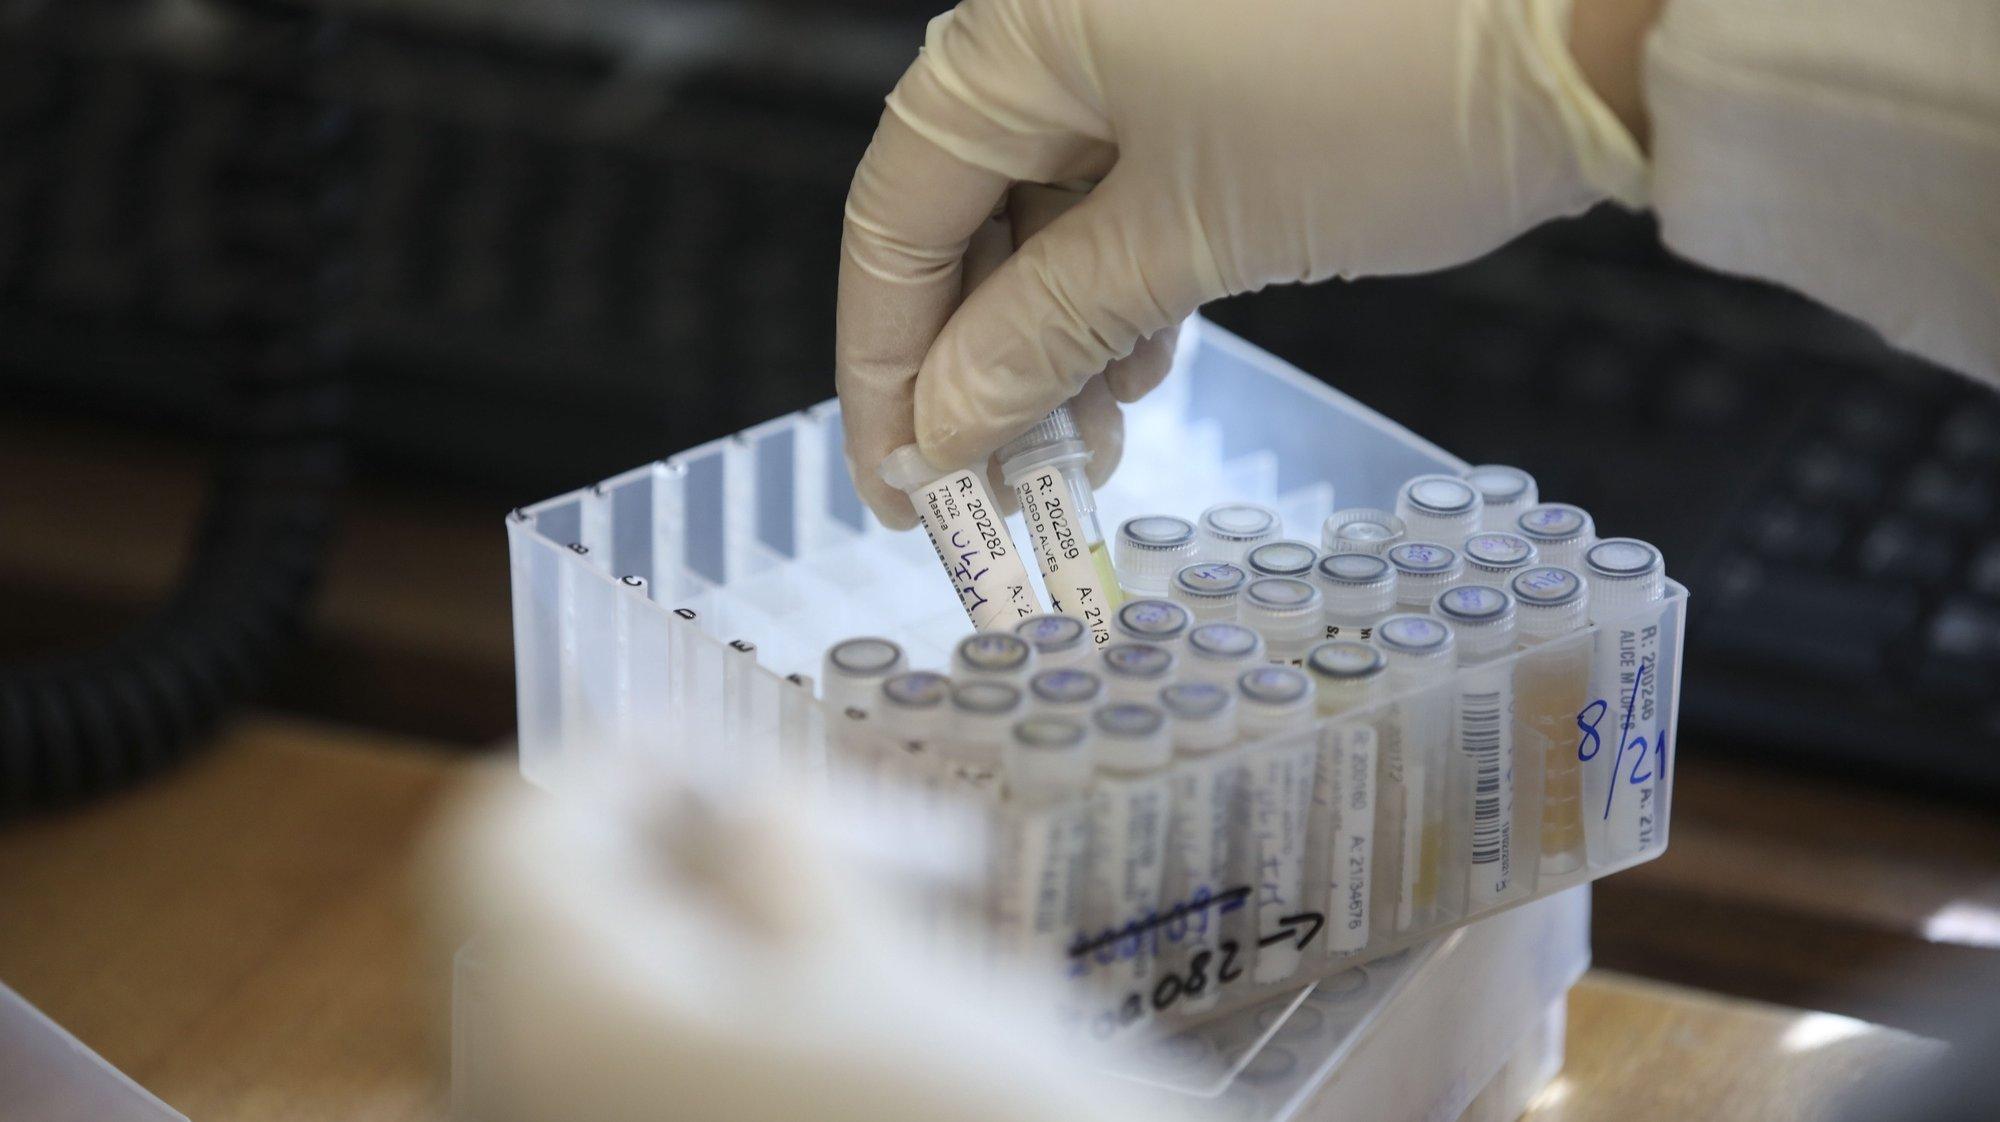 Mergulhados em dados, gráficos e relatórios, os investigadores do Instituto Nacional de Saúde Doutor Ricardo Jorge, INSA, que estudam a pandemia em Portugal saltaram para a linha da frente no combate à covid-19, desenhando cenários com o poder de influenciar decisões que afetam os 10 milhões de portugueses, em Lisboa, 24 fevereiro 2021. (ACOMPANHA TEXTO DA LUSA DO DIA 27 FEVEREIRO 2021). ANDRÉ KOSTERS/LUSA